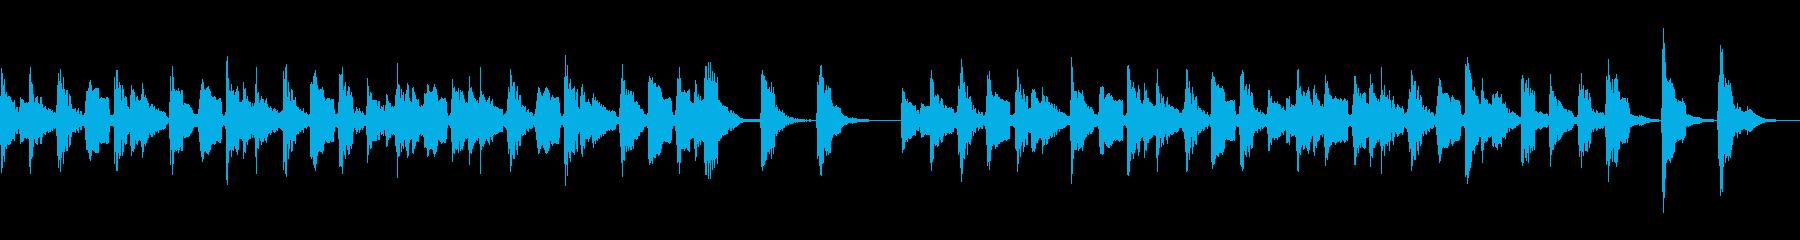 3分クッキングの曲 (アコギ)の再生済みの波形